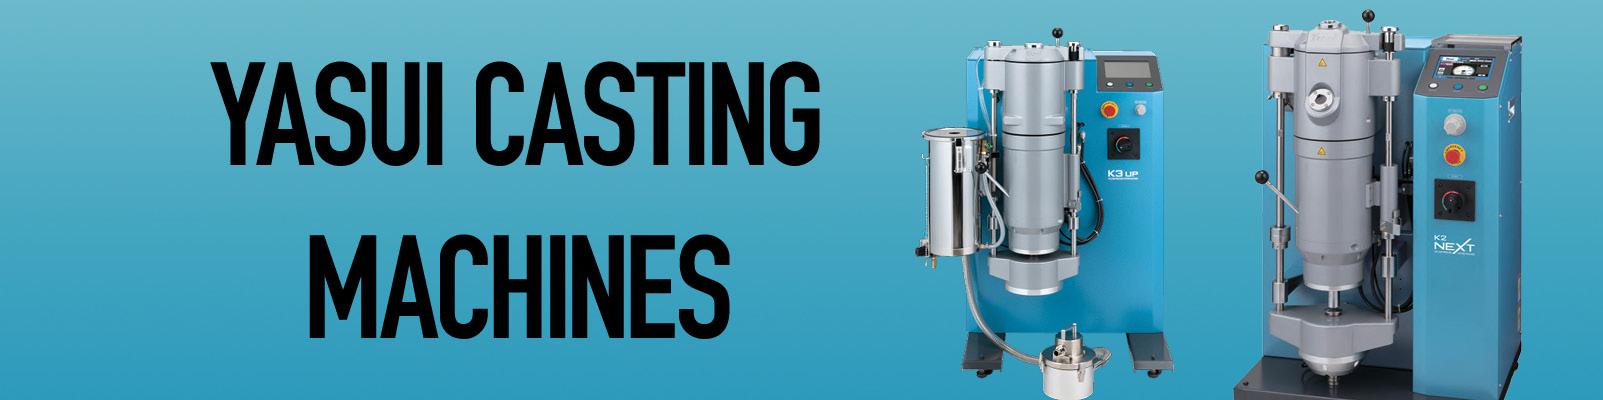 Casting Machines